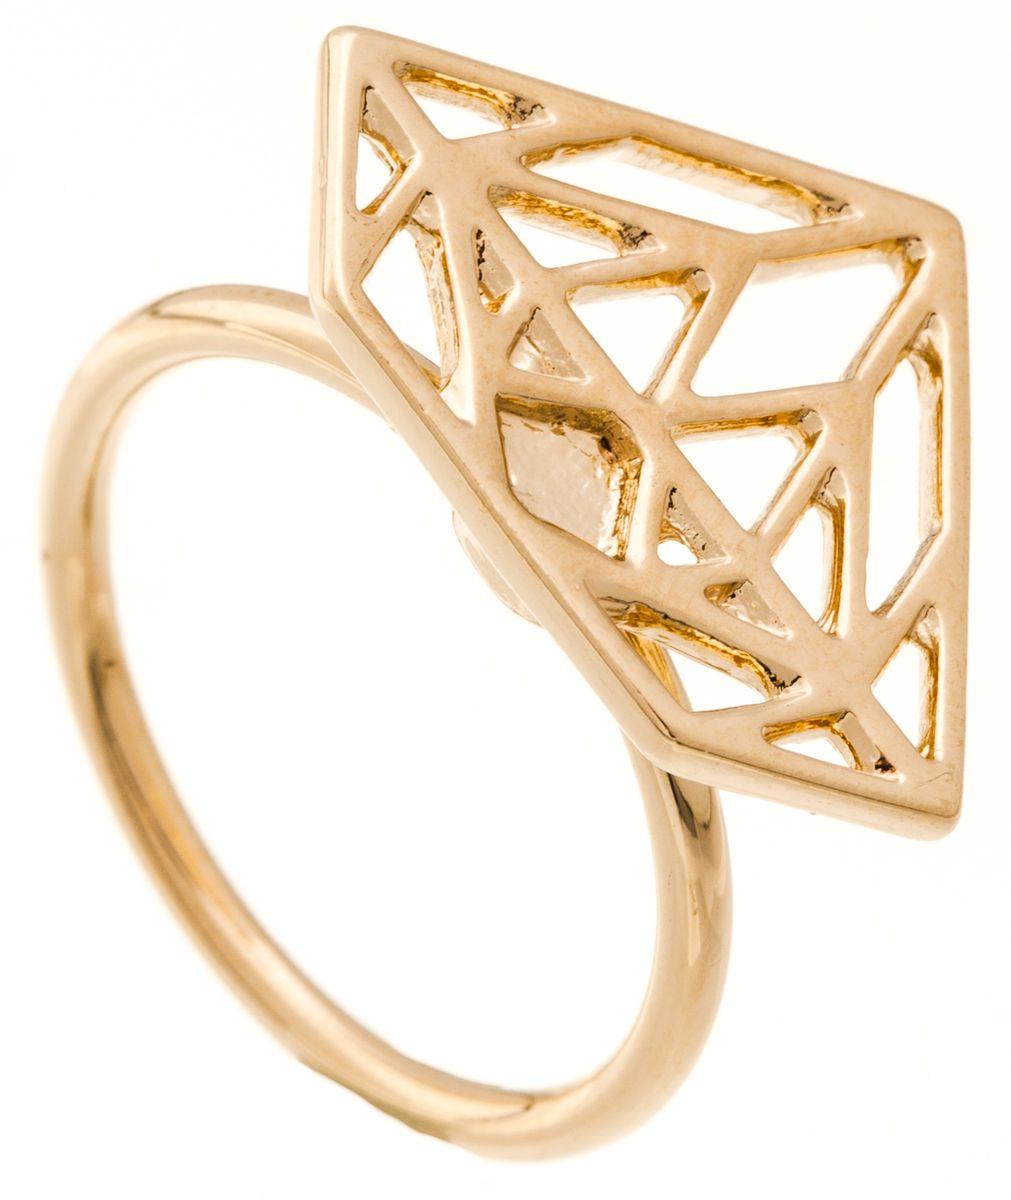 Кольцо Jenavi Young 2. Эпик, цвет: золотой. f661p090. Размер 17f661p090Изящное кольцо Jenavi из коллекции Young 2. Эпик изготовлено из ювелирного сплава с покрытием из позолоты. Изделие выполнено в необычном дизайне в форме треугольника. Стильное кольцо придаст вашему образу изюминку, подчеркнет индивидуальность.